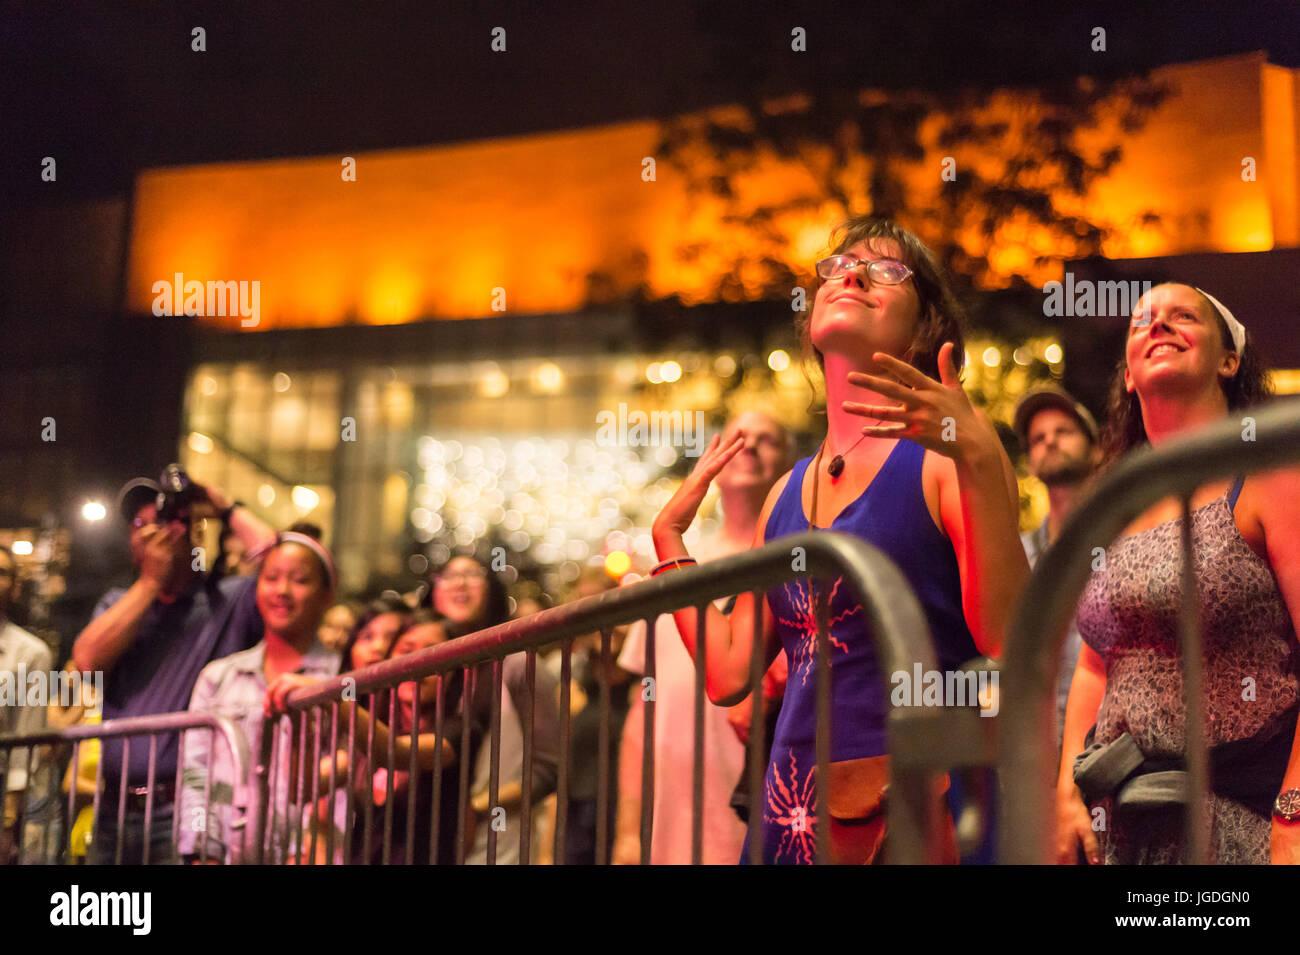 Montreal, 4 luglio 2017: giovane donna in estasi alla fine di 'Ghost Town blues band' prestazioni a Montreal Immagini Stock